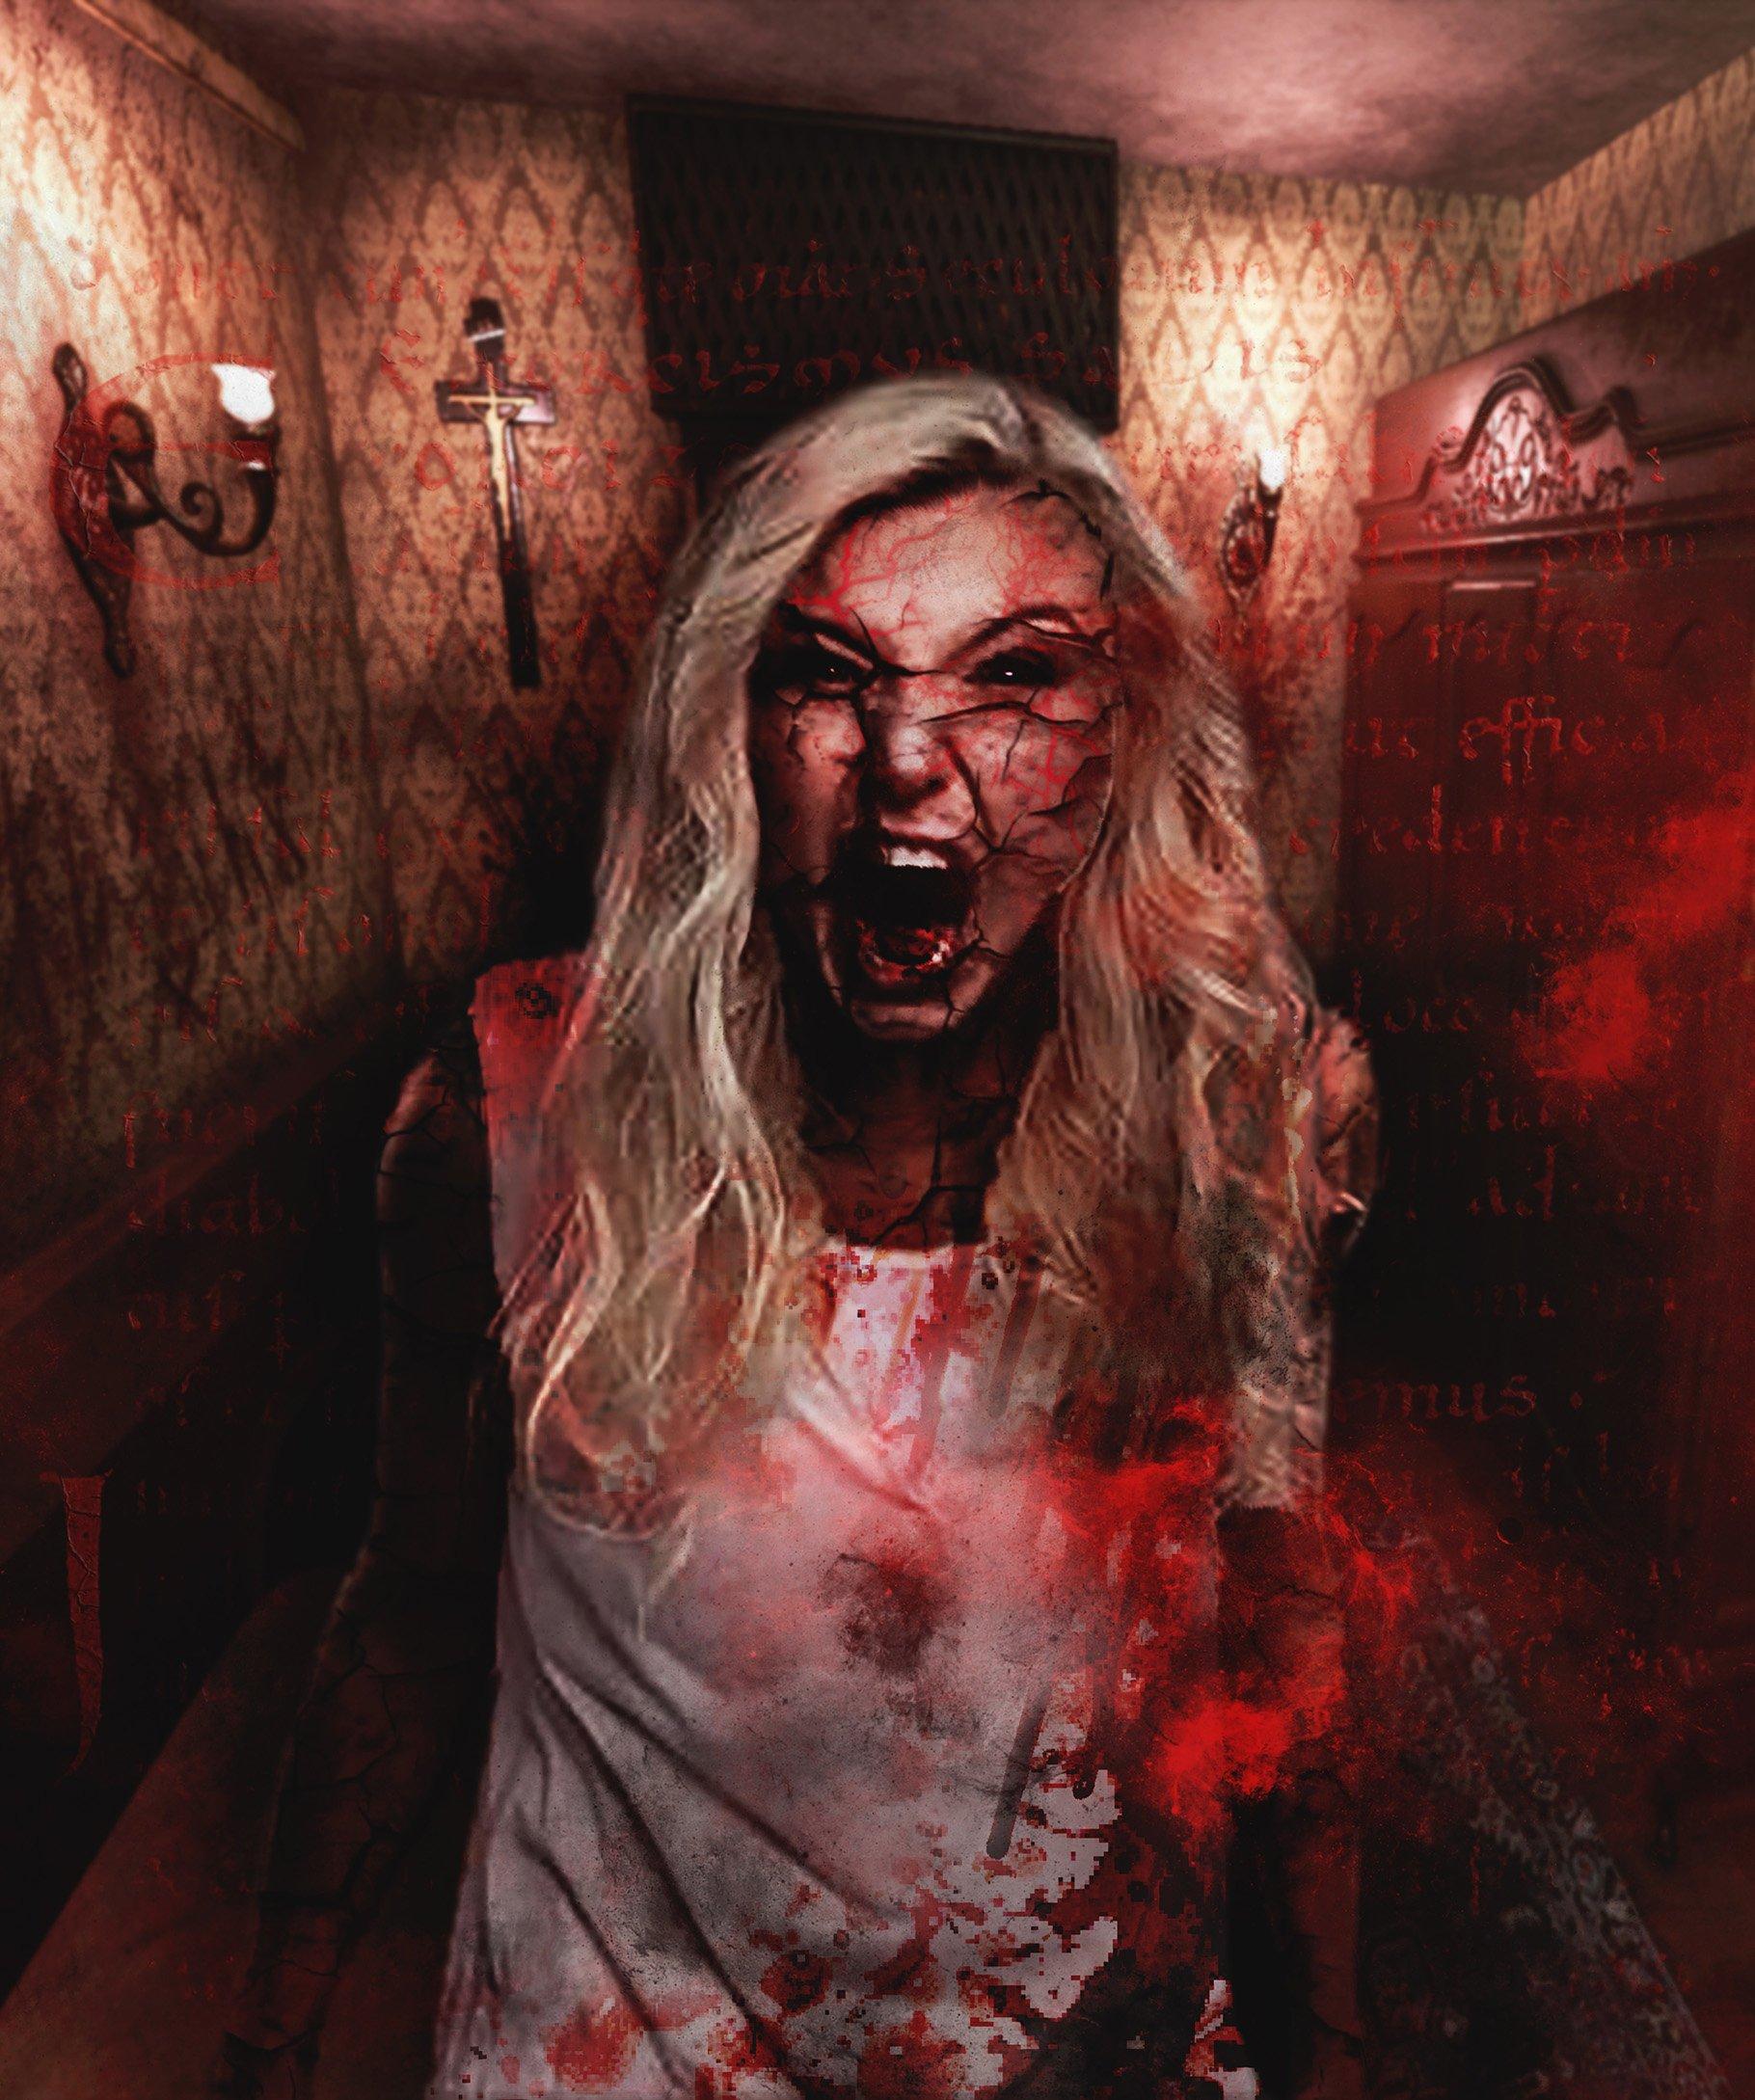 Exorcism Photoshop Action 3 - دانلود اکشن فتوشاپ جنگیری Exorcism